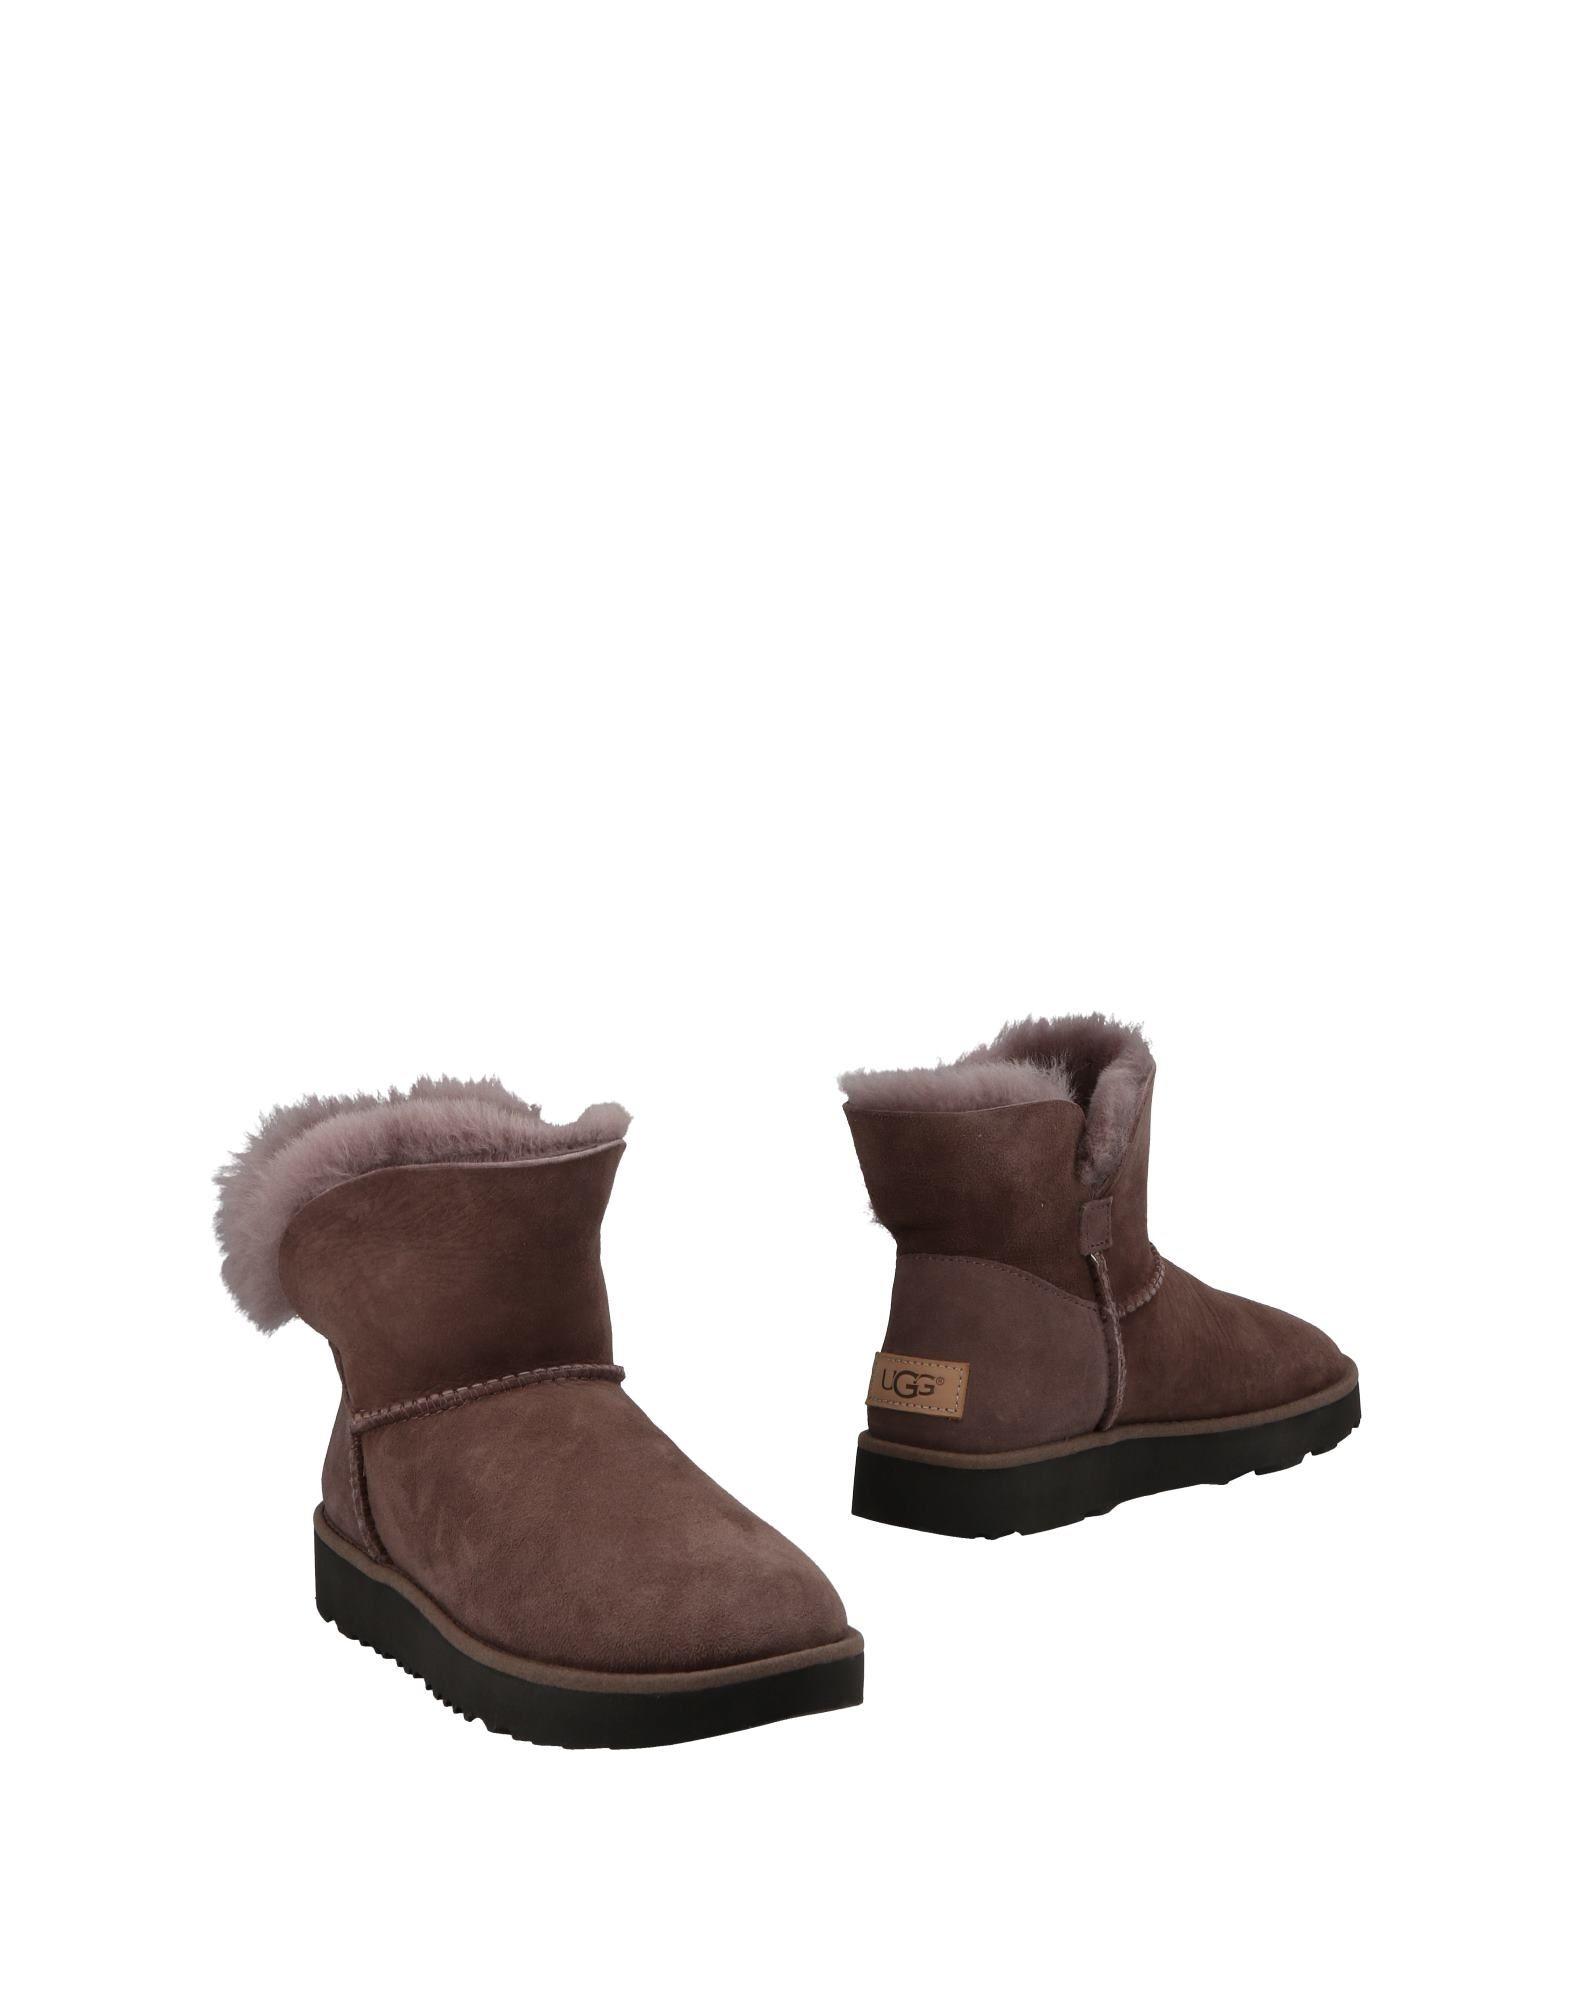 UGG AUSTRALIA Полусапоги и высокие ботинки ugg australia 5803 dhbl